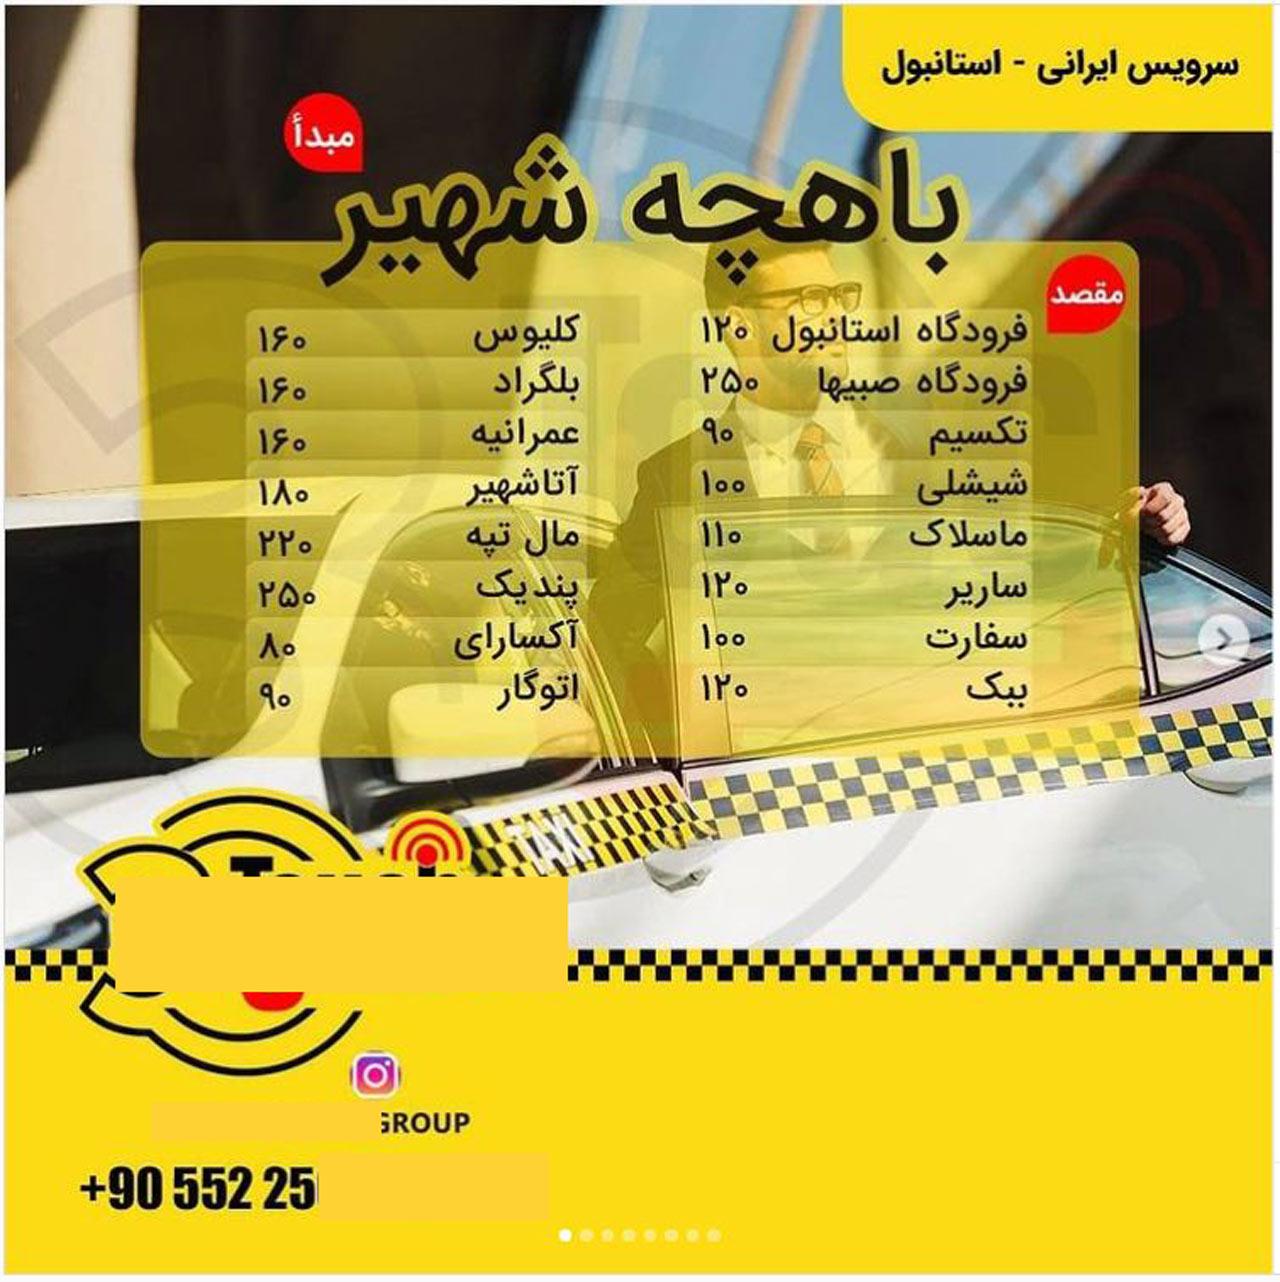 نمونه ای از آگهی شرکت تاکسی ایرانی در ترکیه که در فضای مجازی دیده می شود.